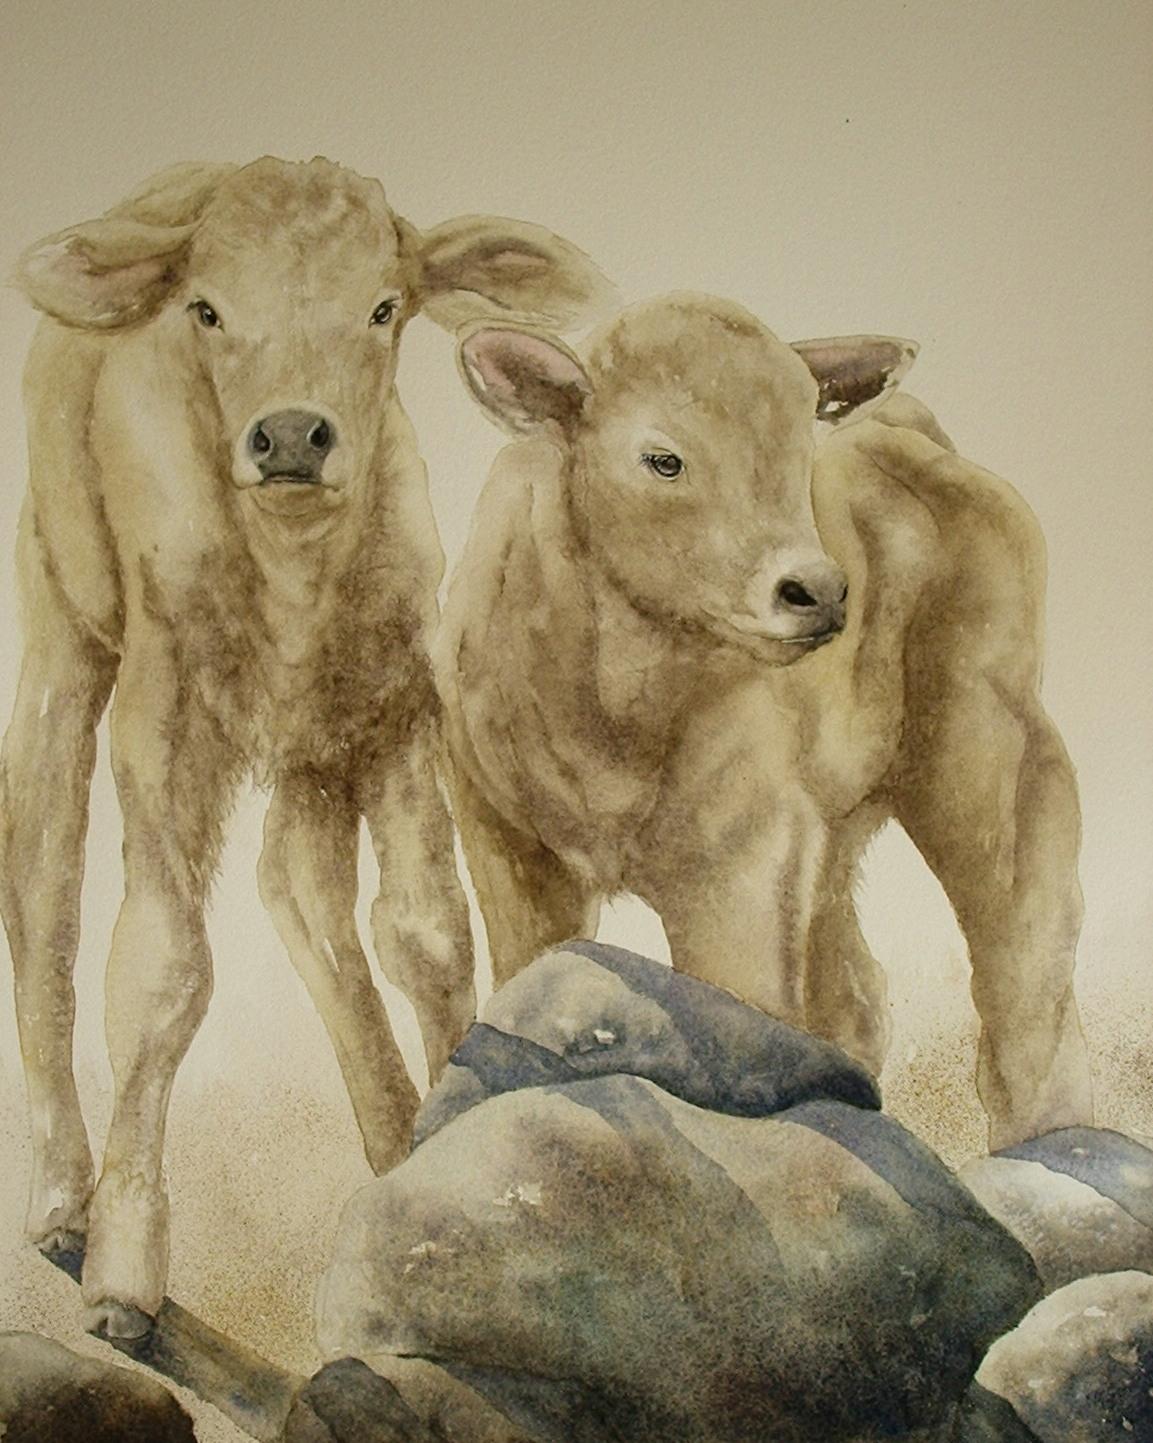 Rhonda's Prize Calves